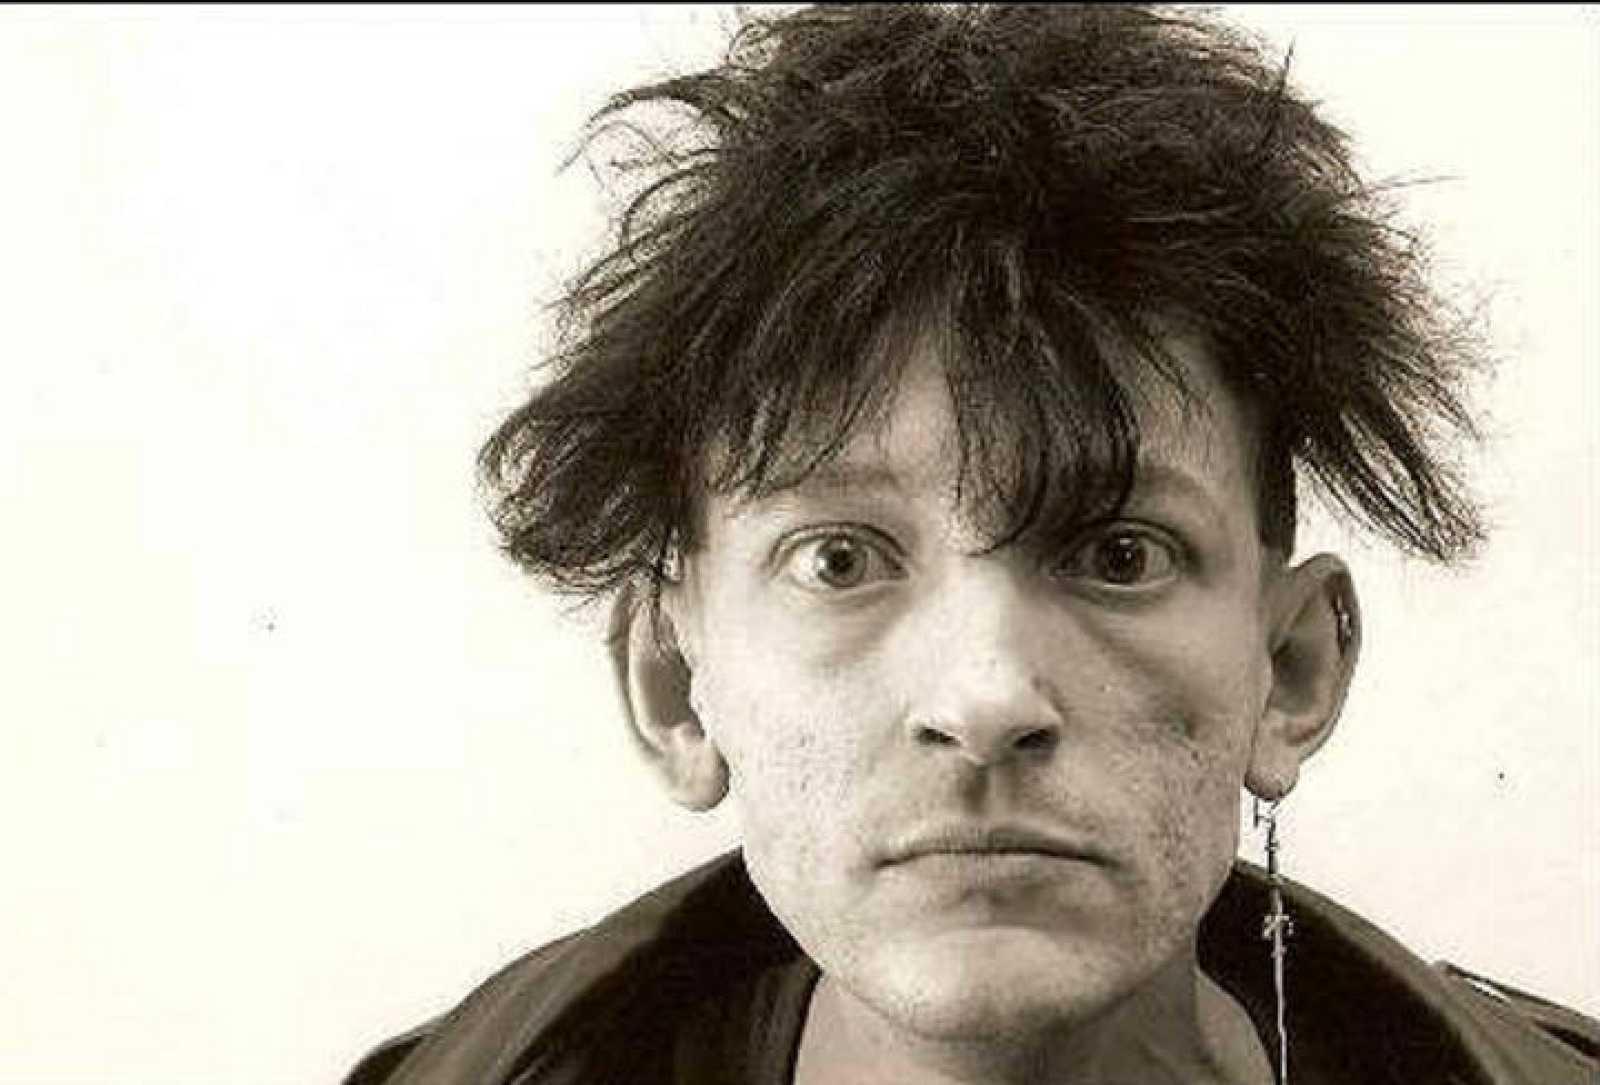 El músico ha fallecido en Madrid a los 55 años.